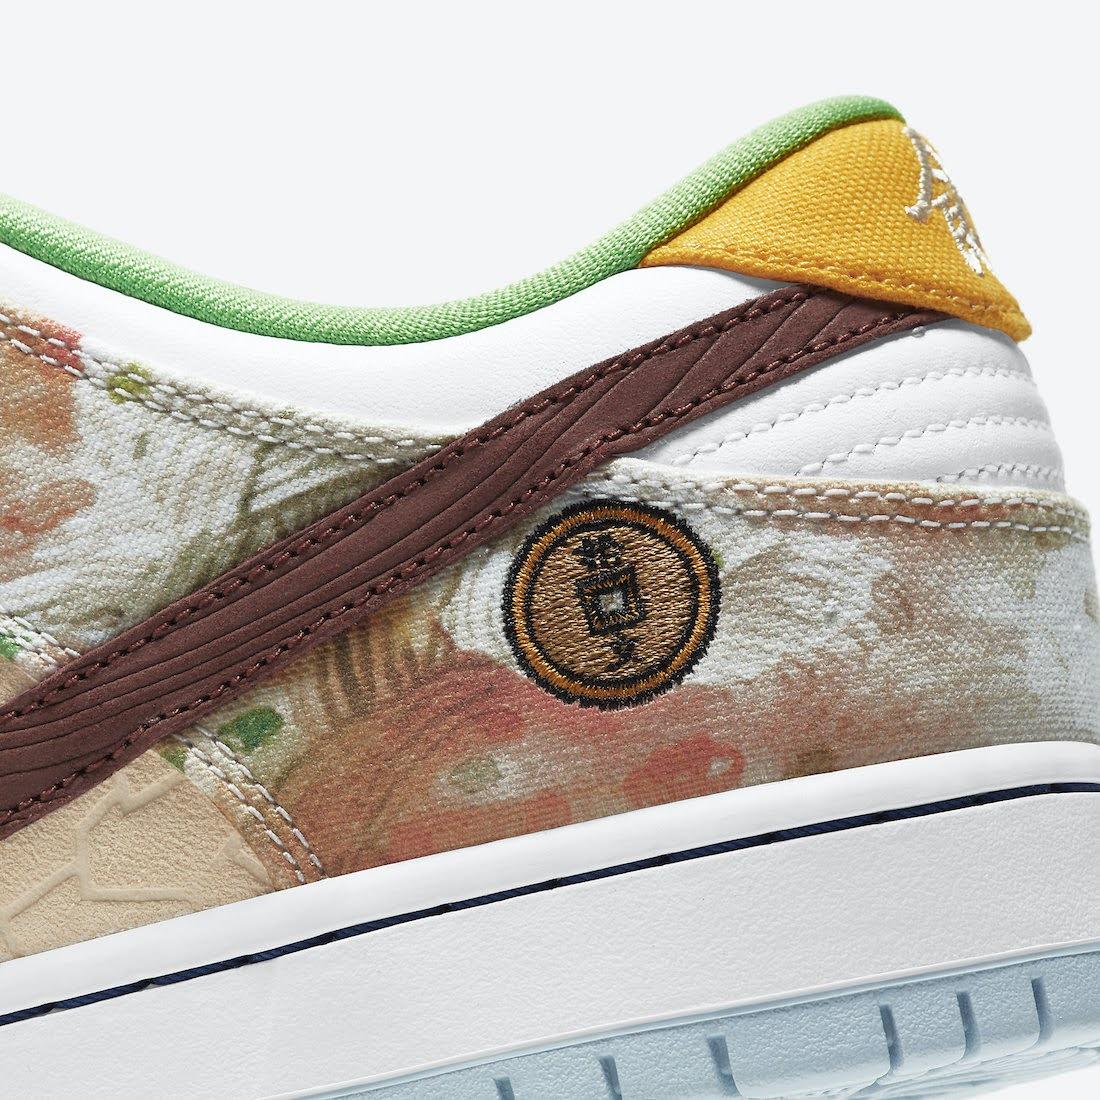 ナイキ SB ダンク ロー ストリート ホーカー チャイニーズ ニューイヤー コラボ Nike-SB-Dunk-Low-Street-Hawker-CV1628-800 heel side